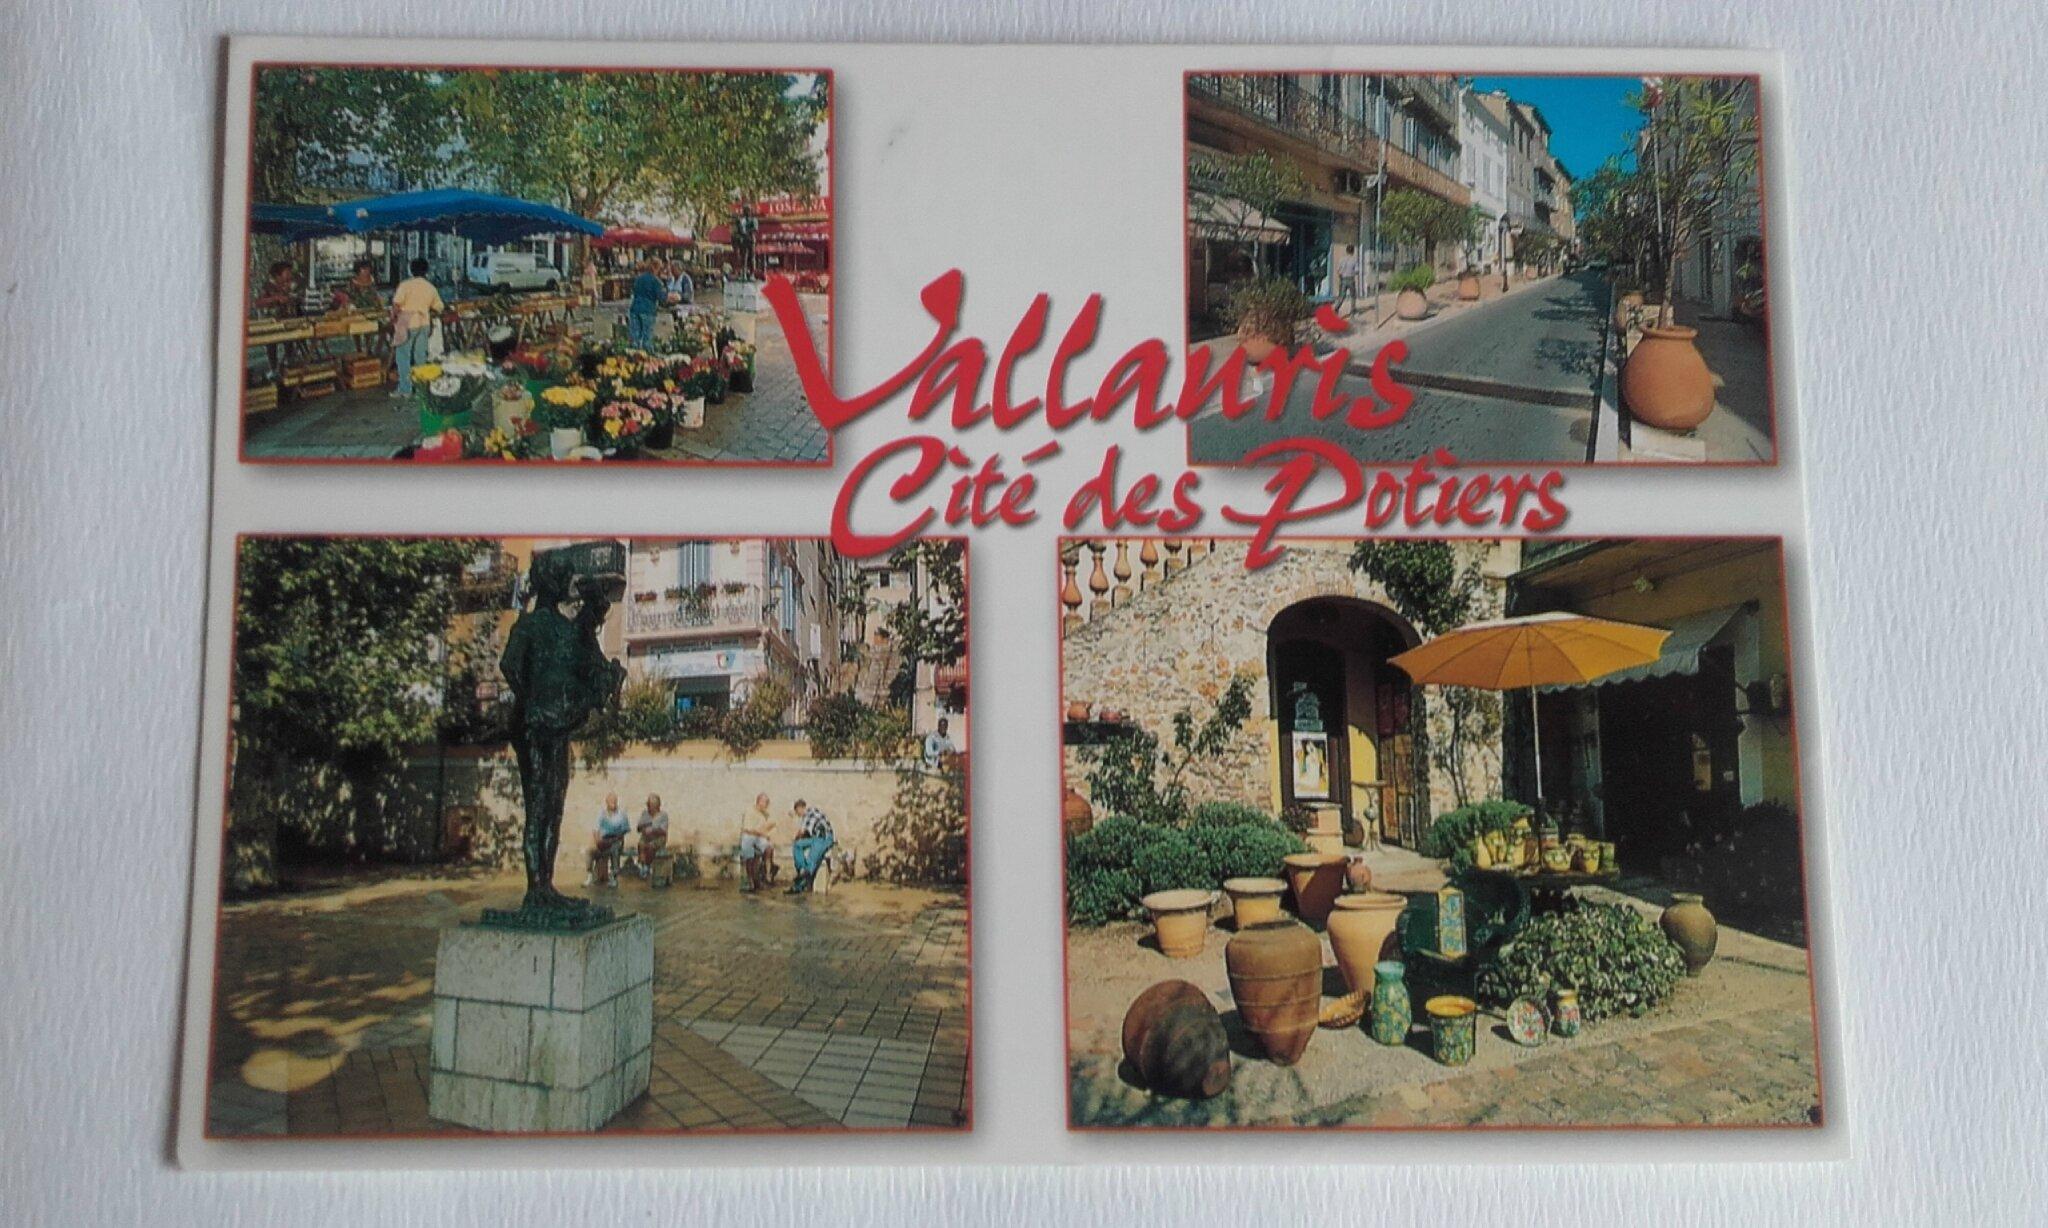 Vallauris datée 2001